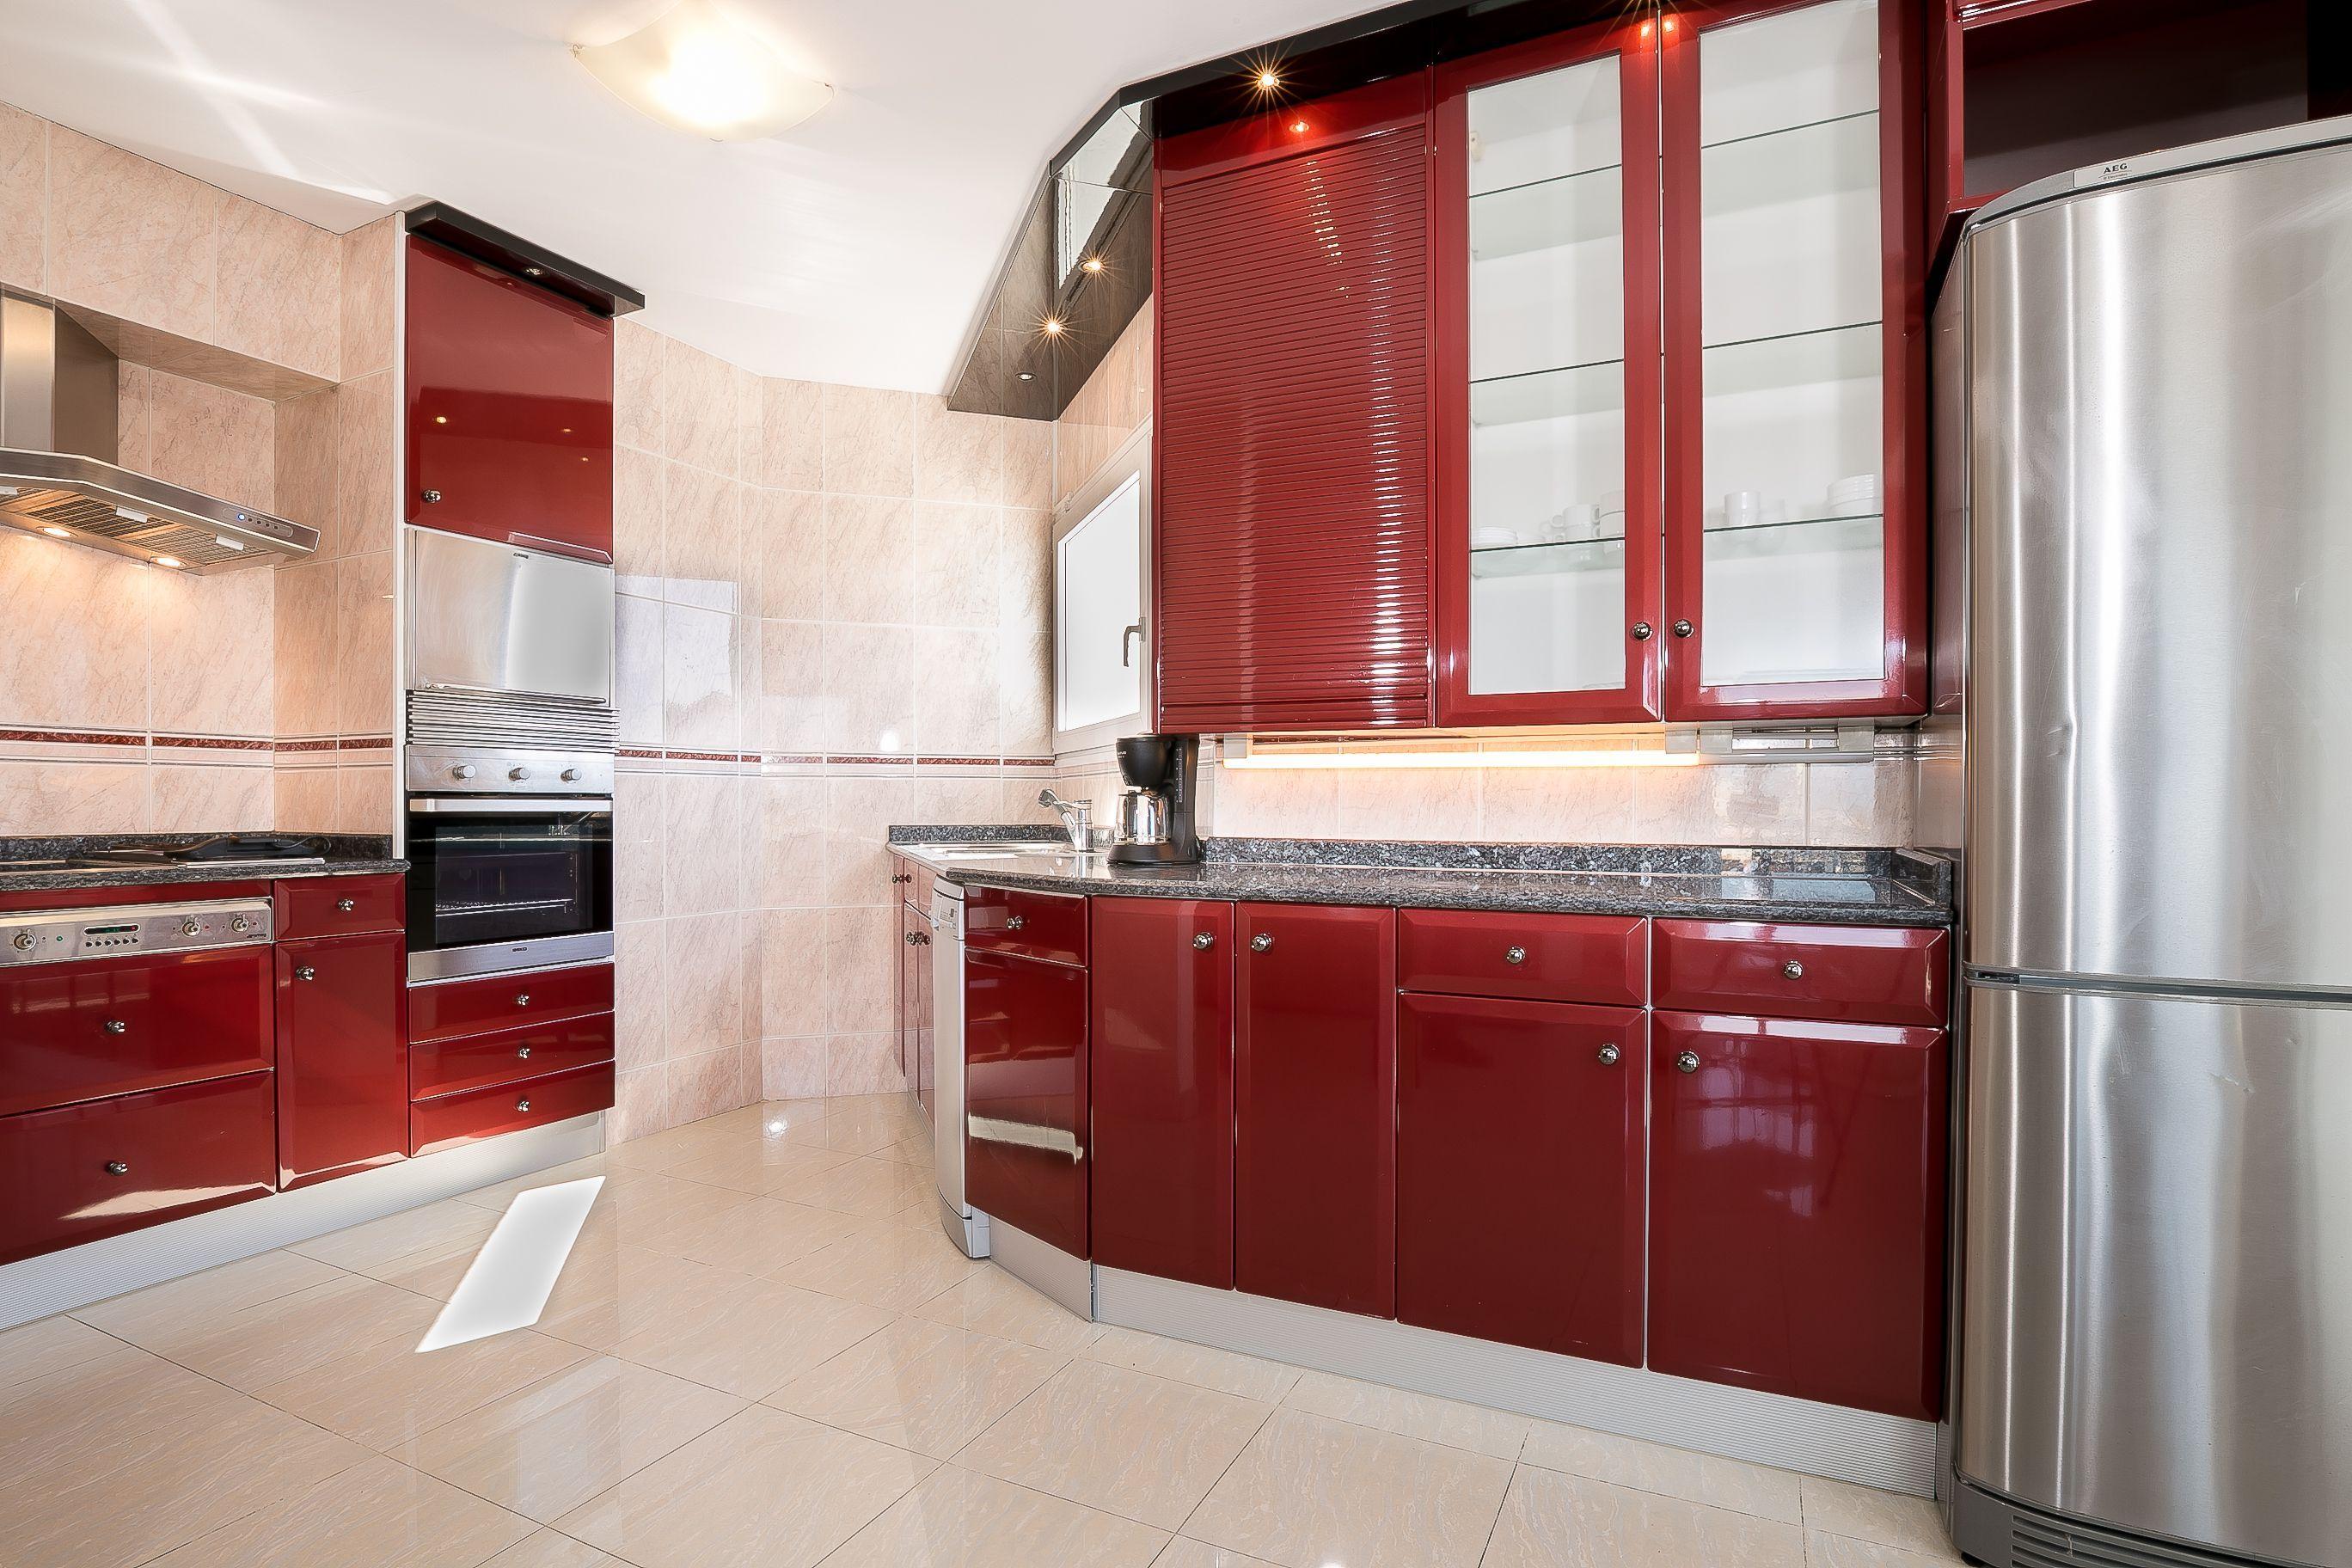 213 pisos y apartamentos en venta en empuriabrava, girona. Apartamento familiar en la marina de Empuriabrava ...